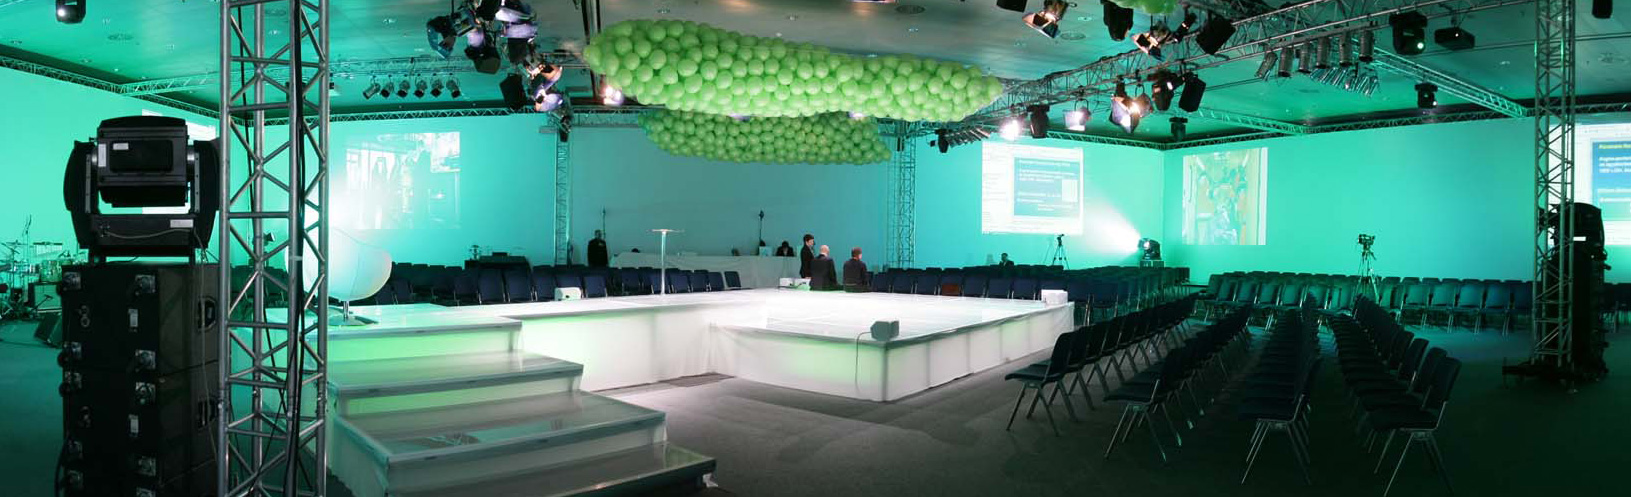 event agentur frankfurt